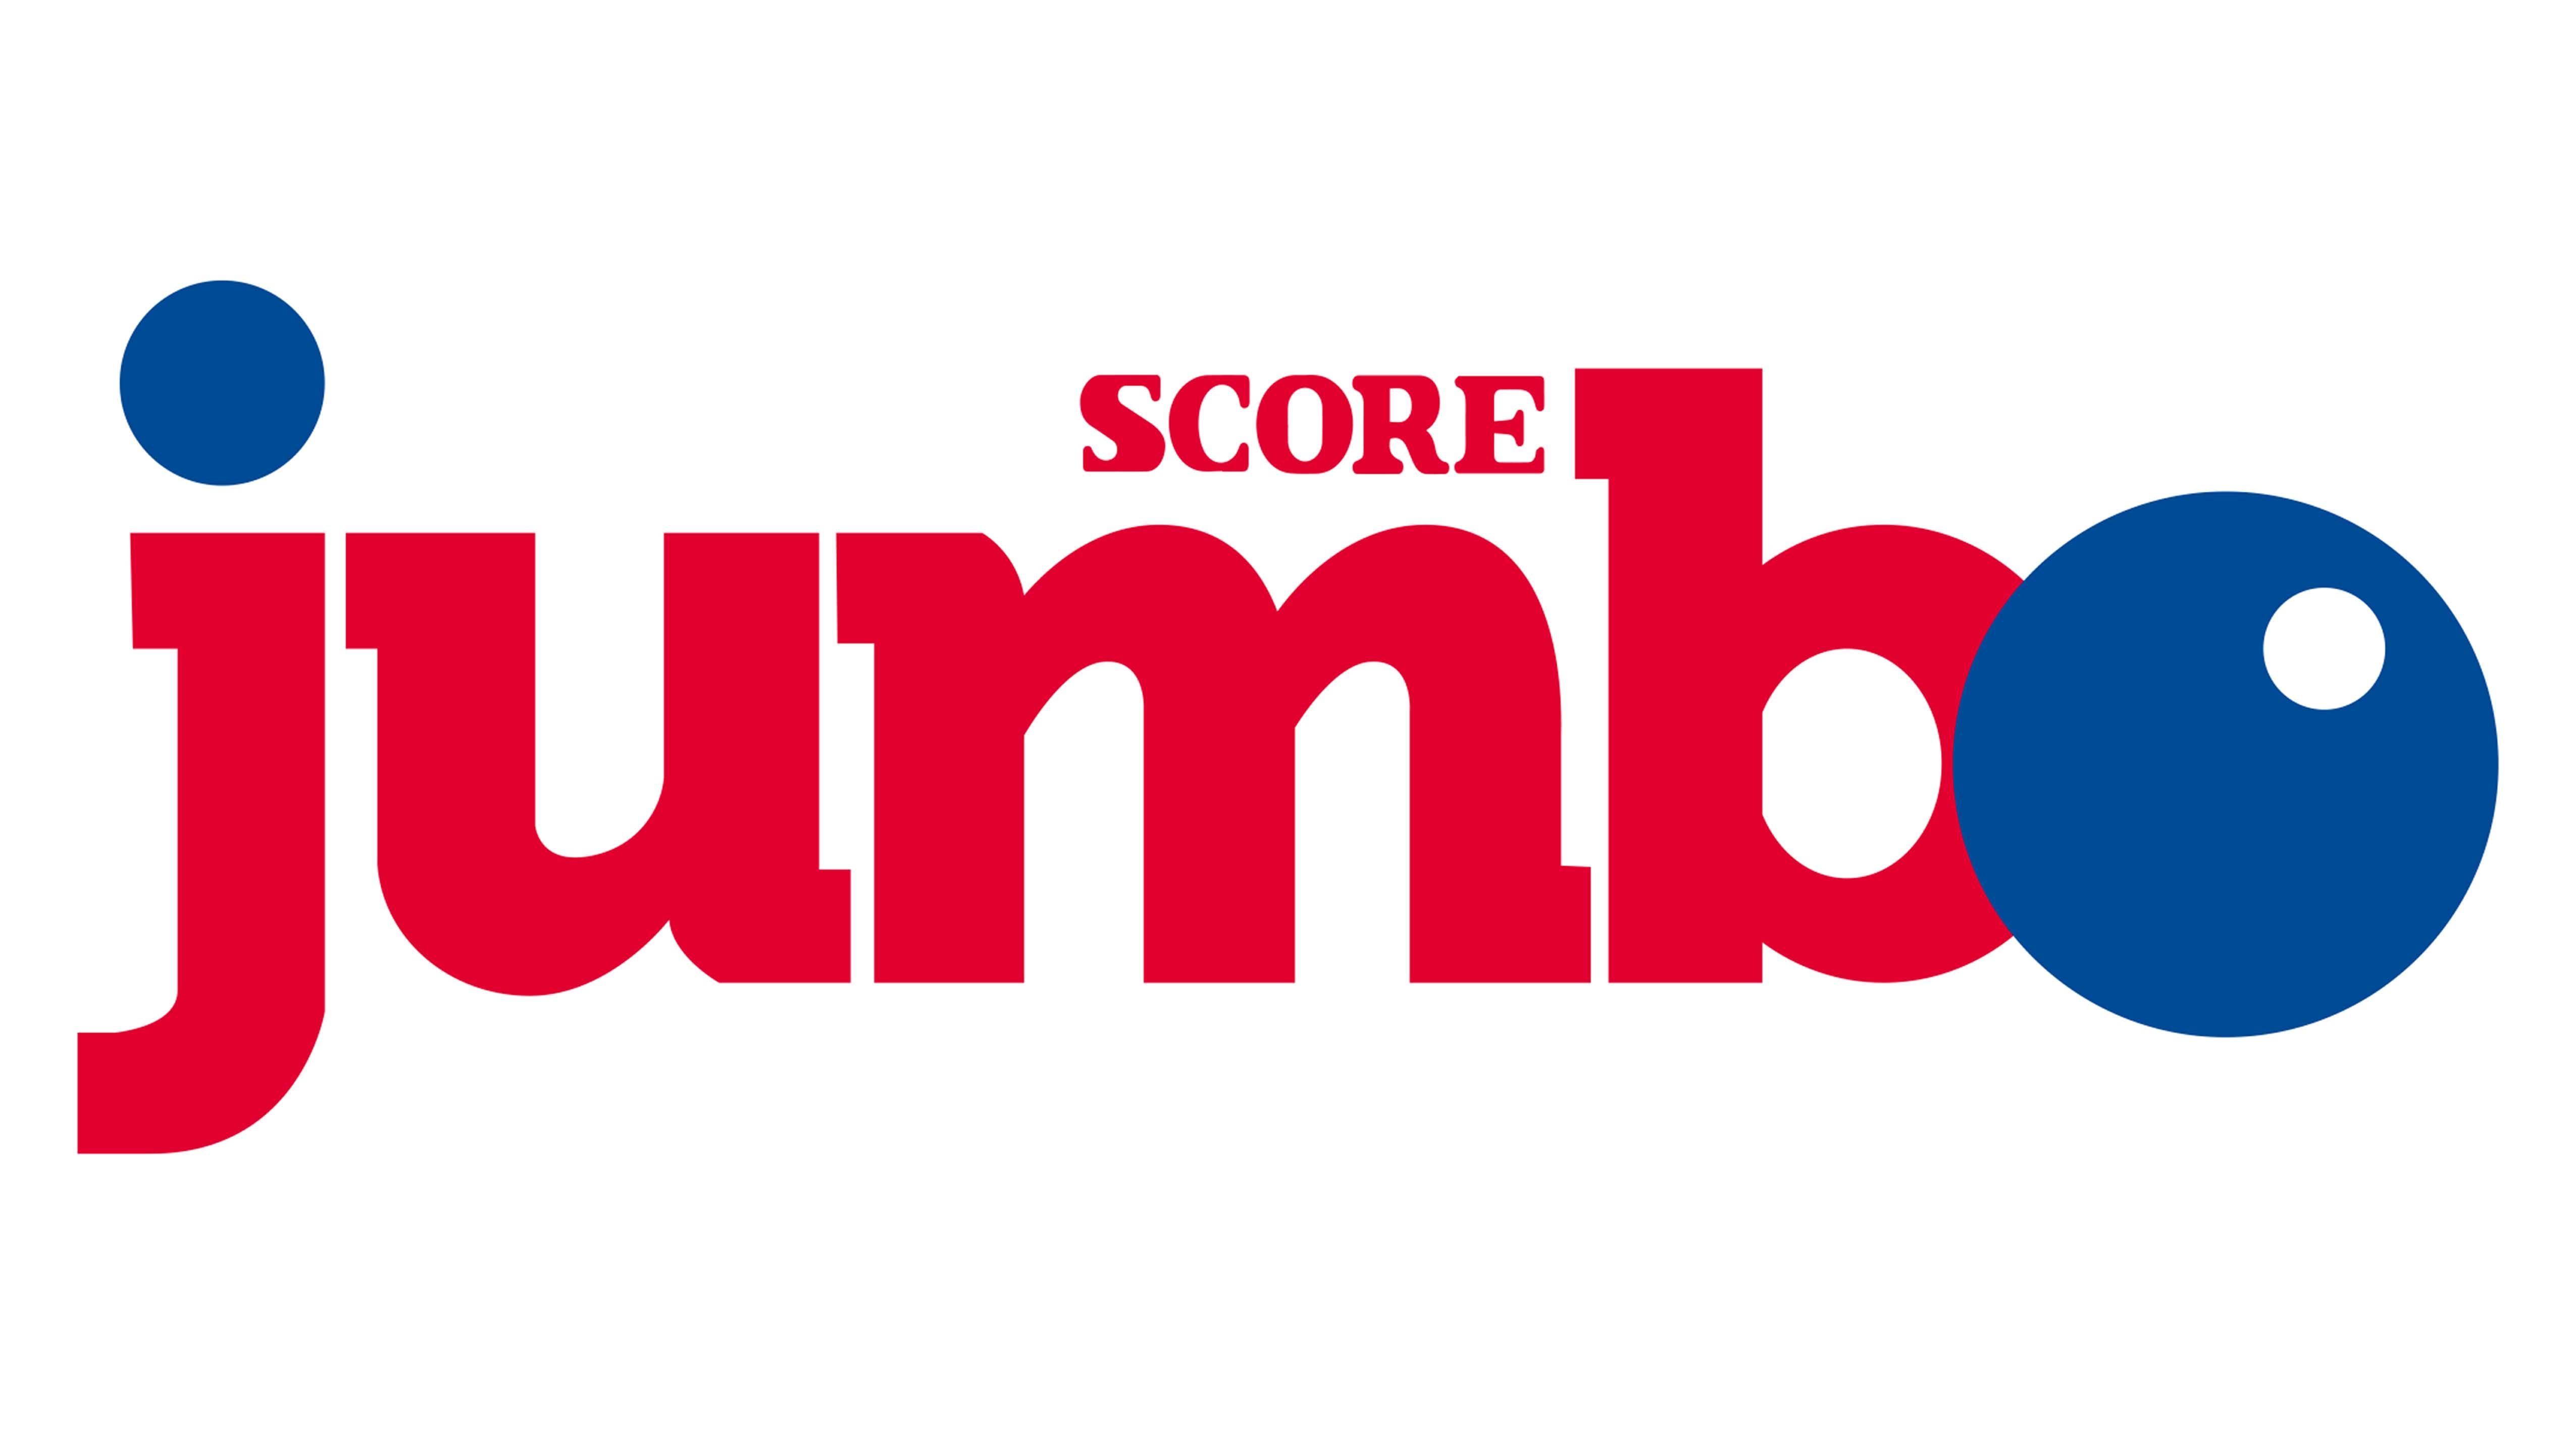 Jumbo Score Antananarivo